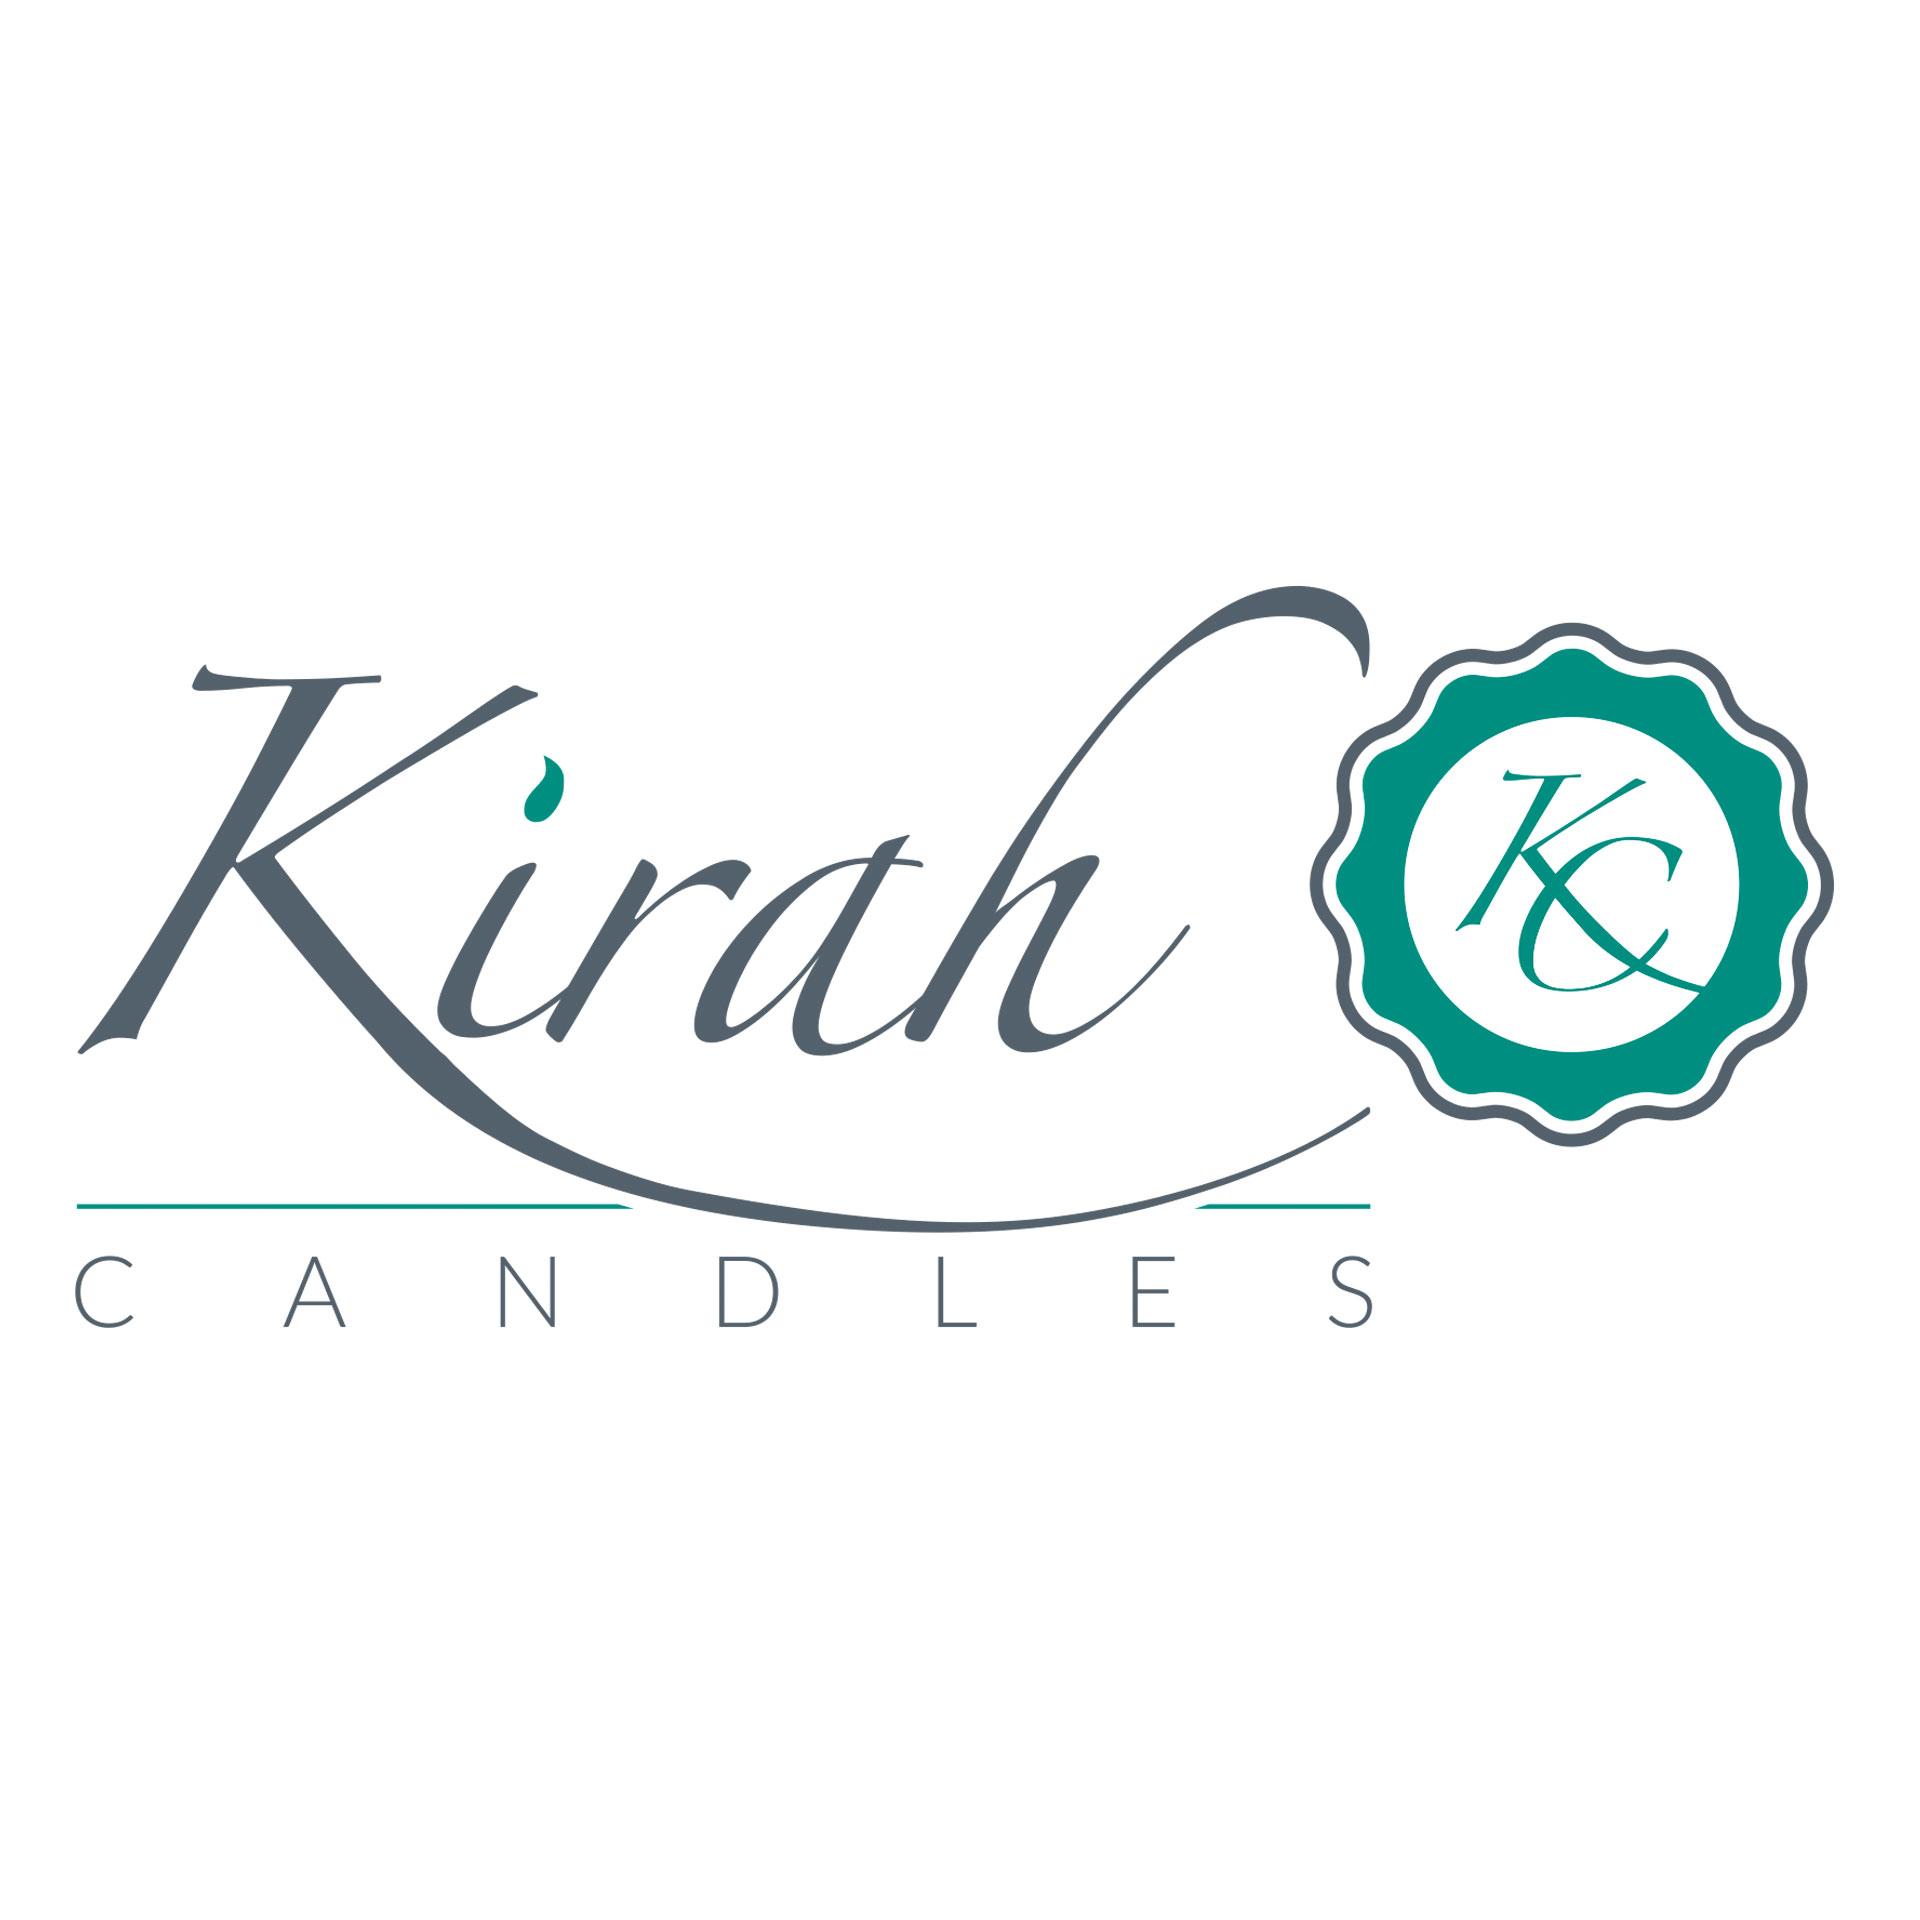 Kirah Candles